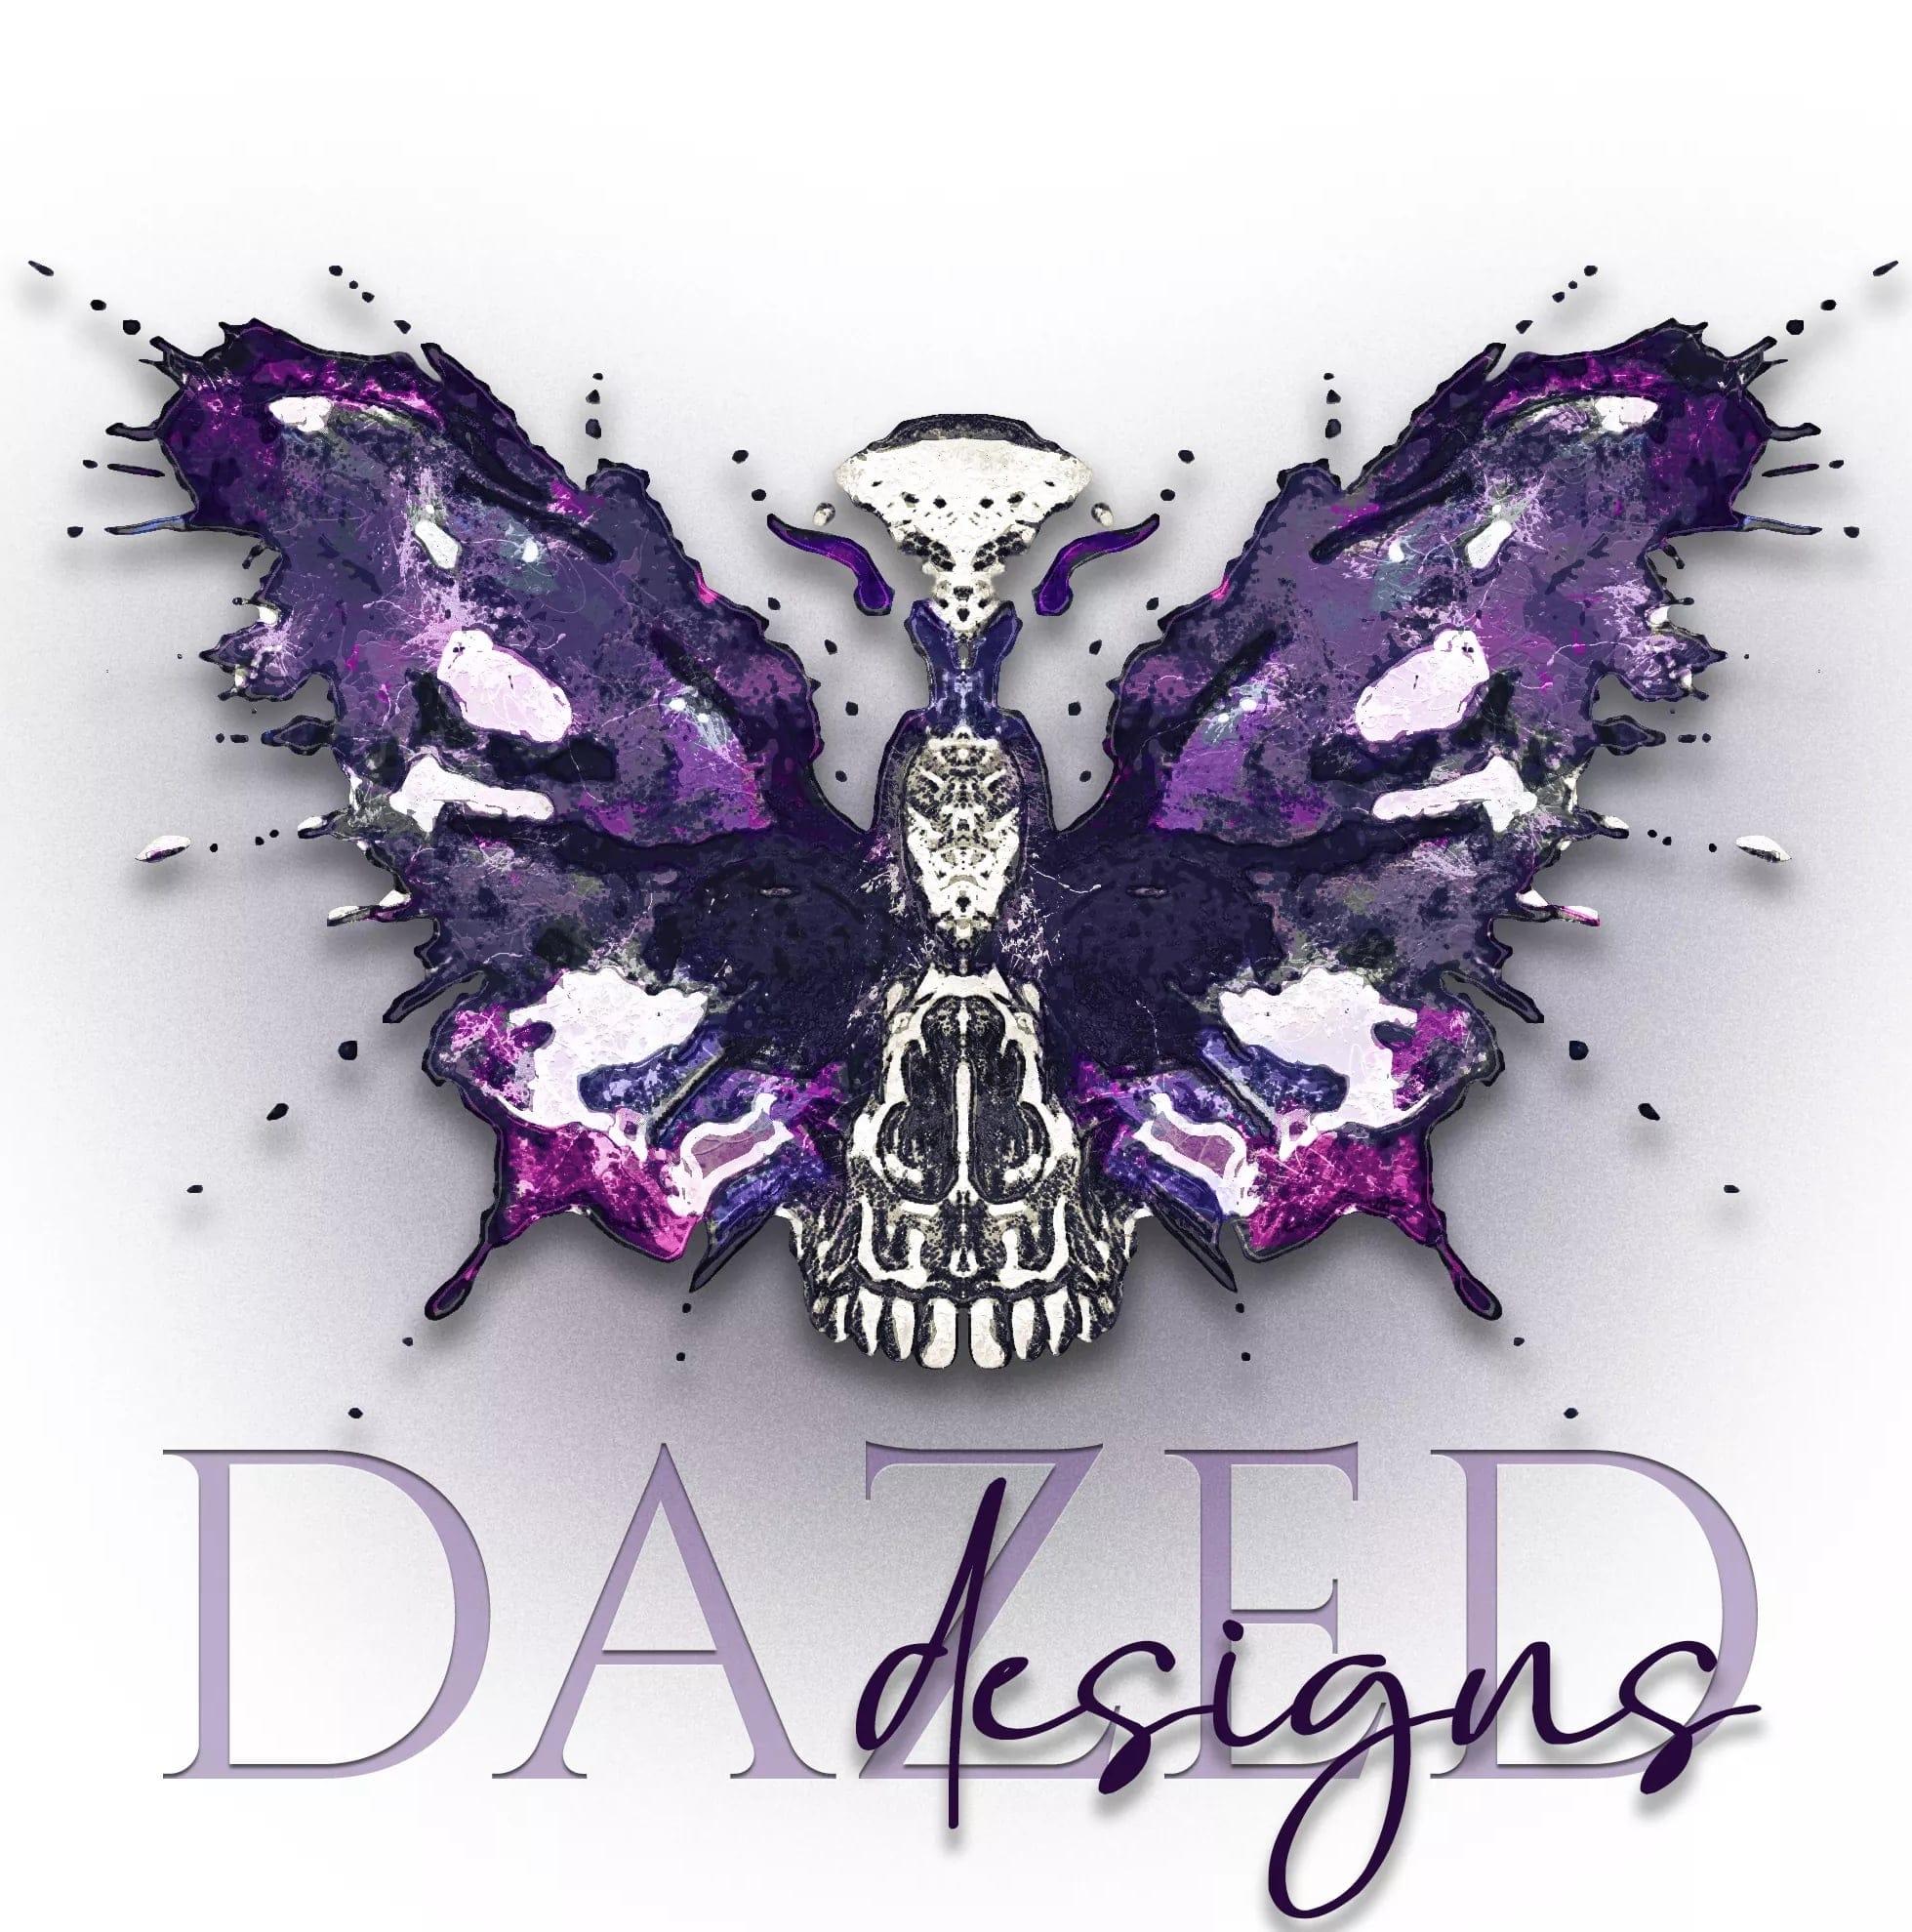 DAZED Designs, graphic design, Butterdragons